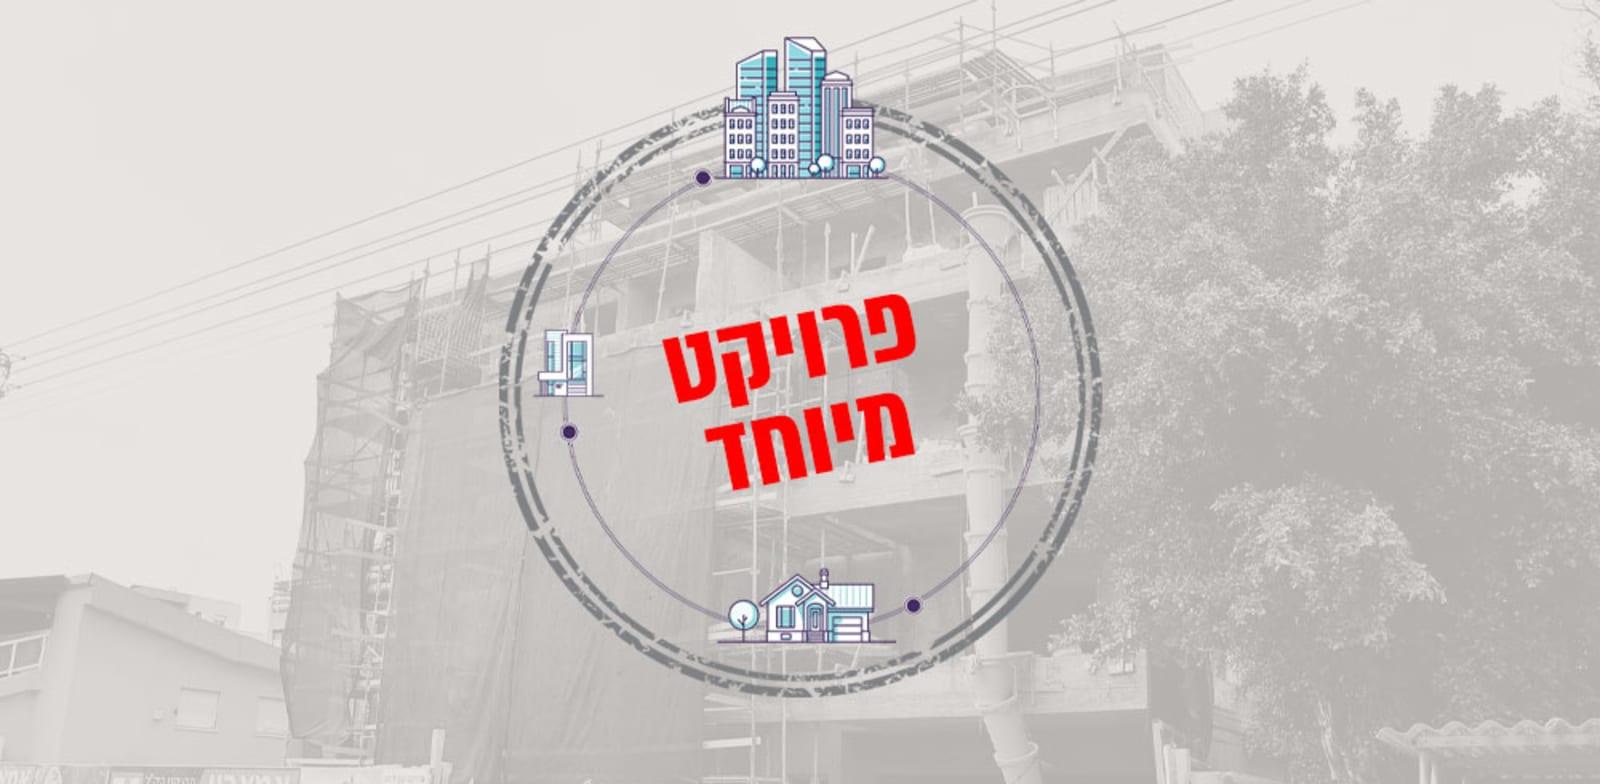 20 שנה לתחילת פרויקט התחדשות עירונית